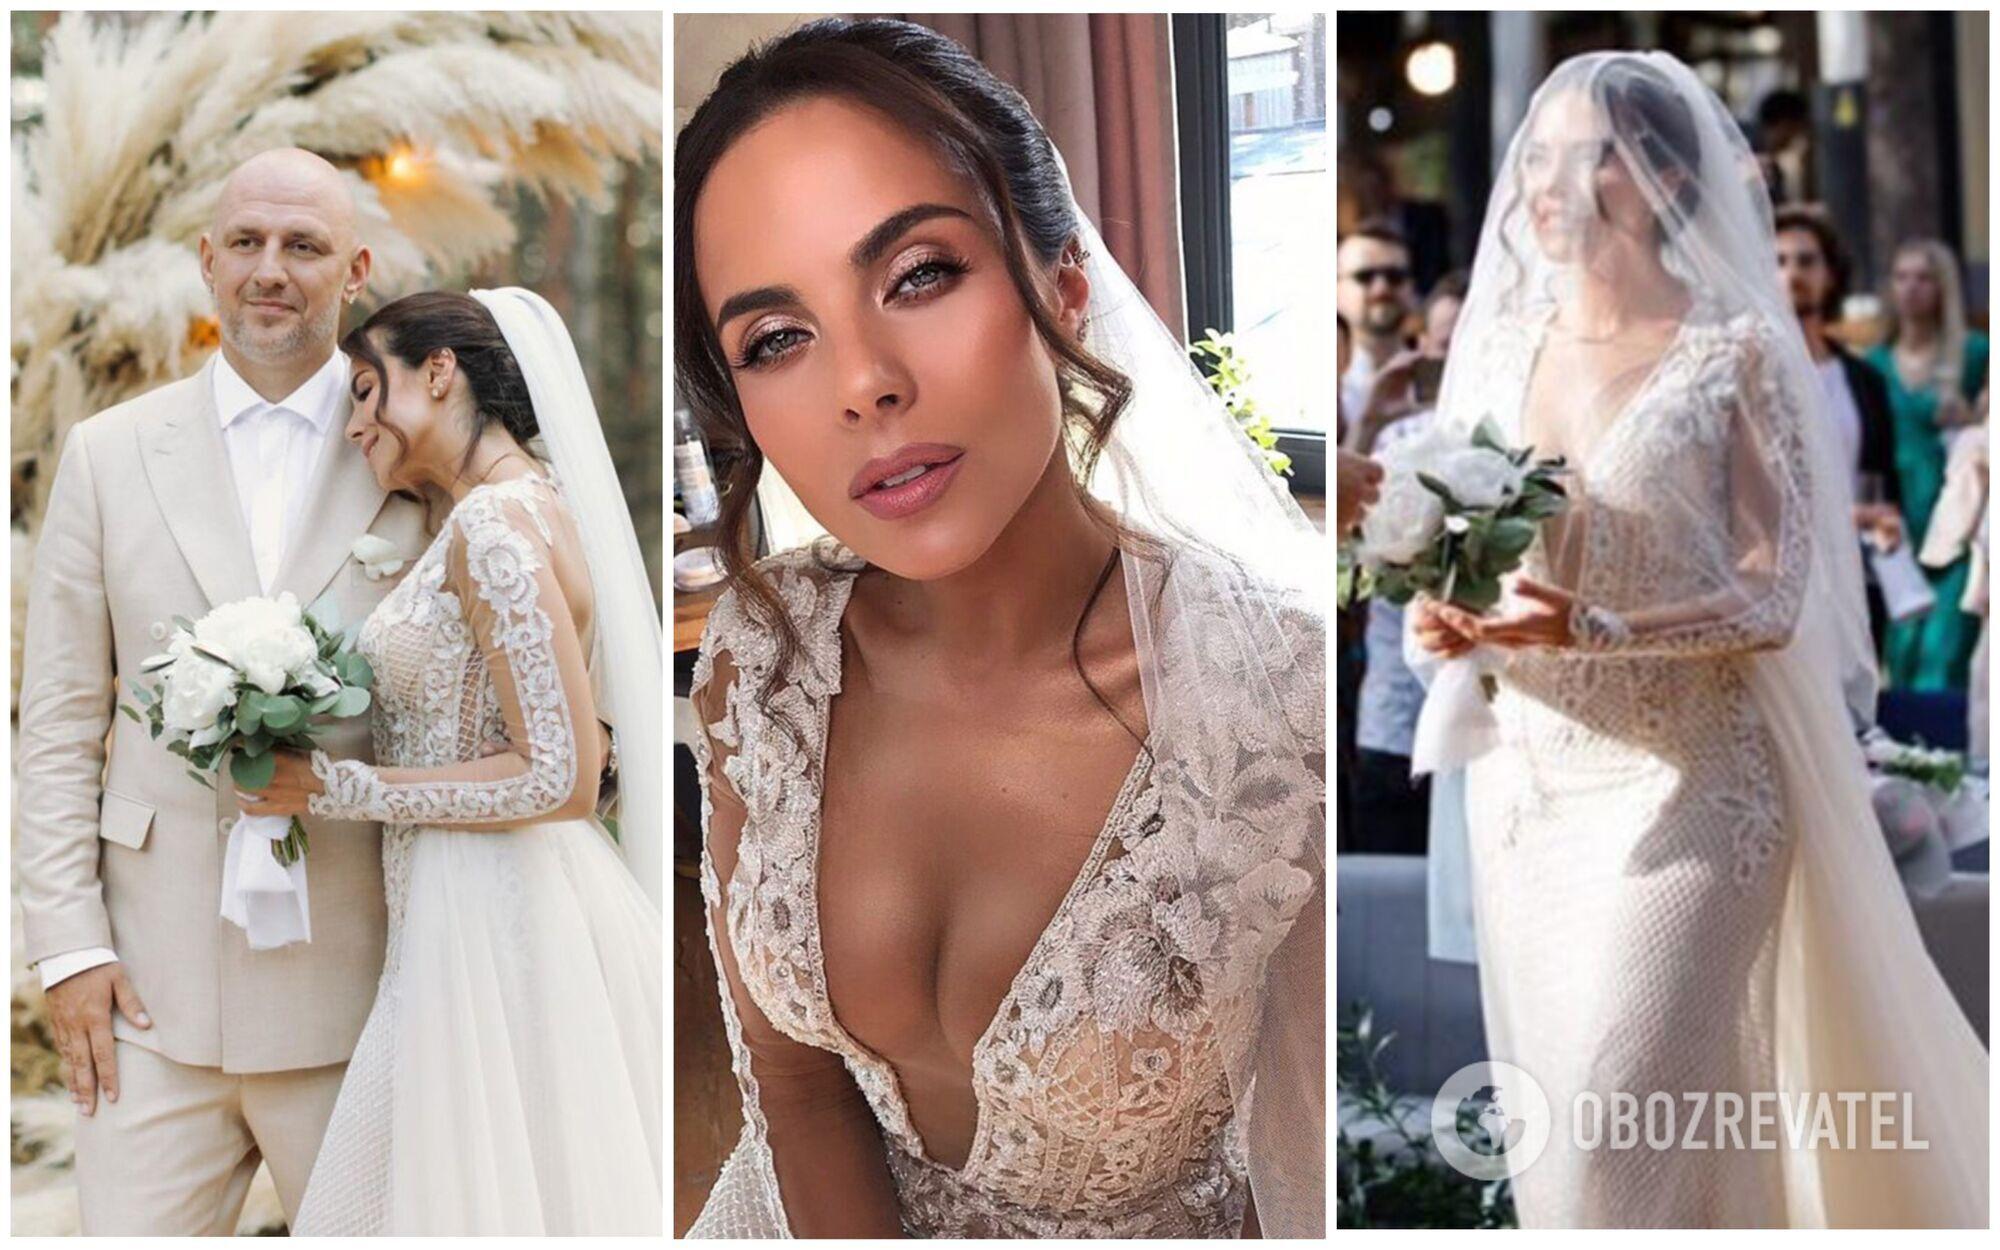 Весілля в травні 2019 року Насті Каменських і Потапа було в стилі бохо-рустик